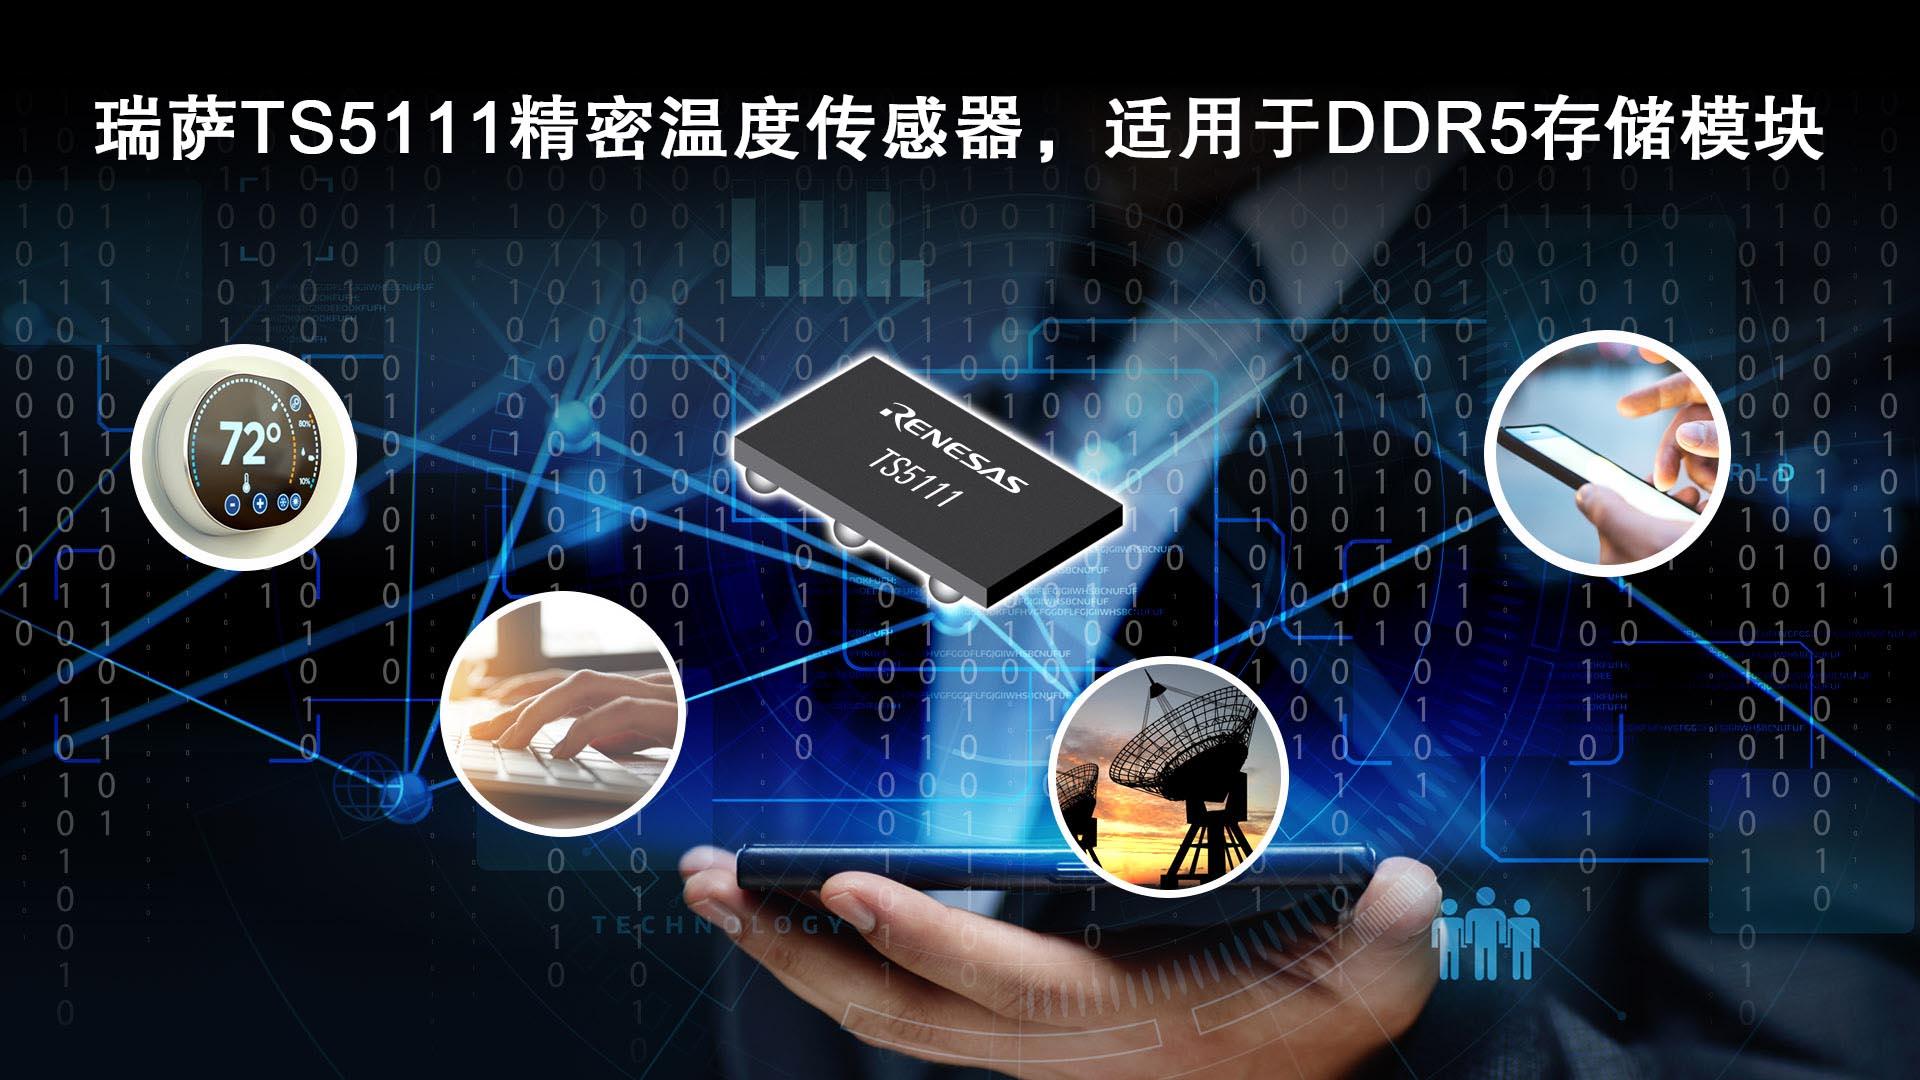 瑞萨电子推出支持蓝牙5的32位MCU 扩充了基于Arm Cortex-M内核的RA产品家族